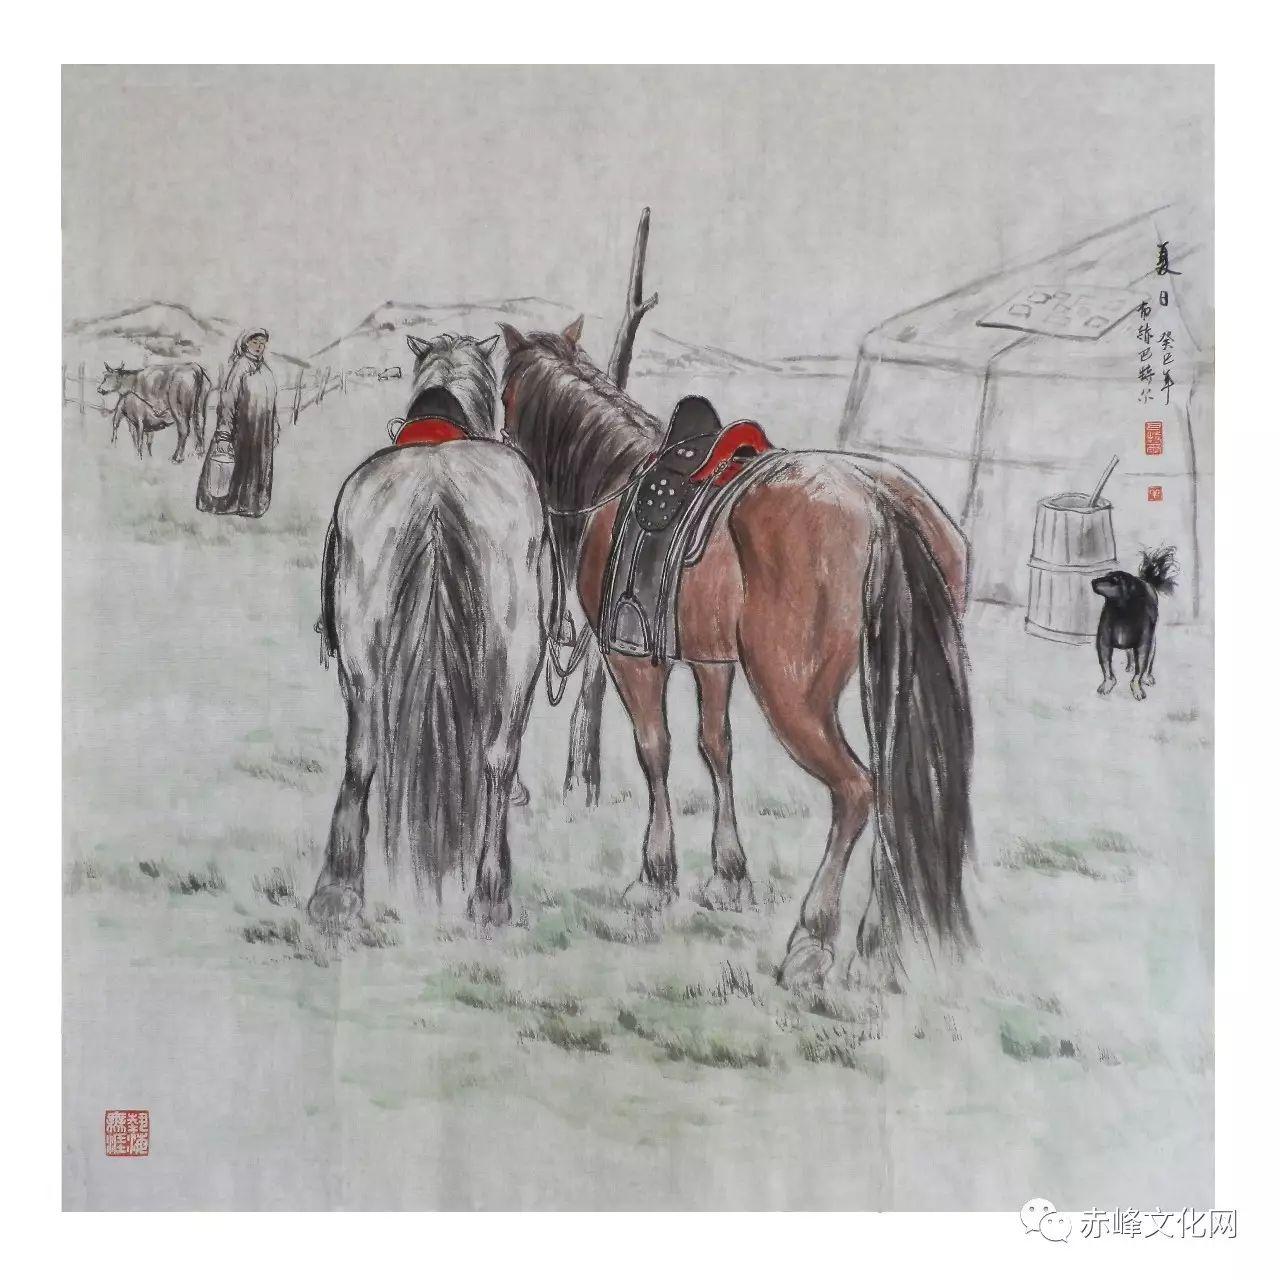 【文化赤峰】水墨丹青、栩栩如生——布和巴特尔国画展! 第11张